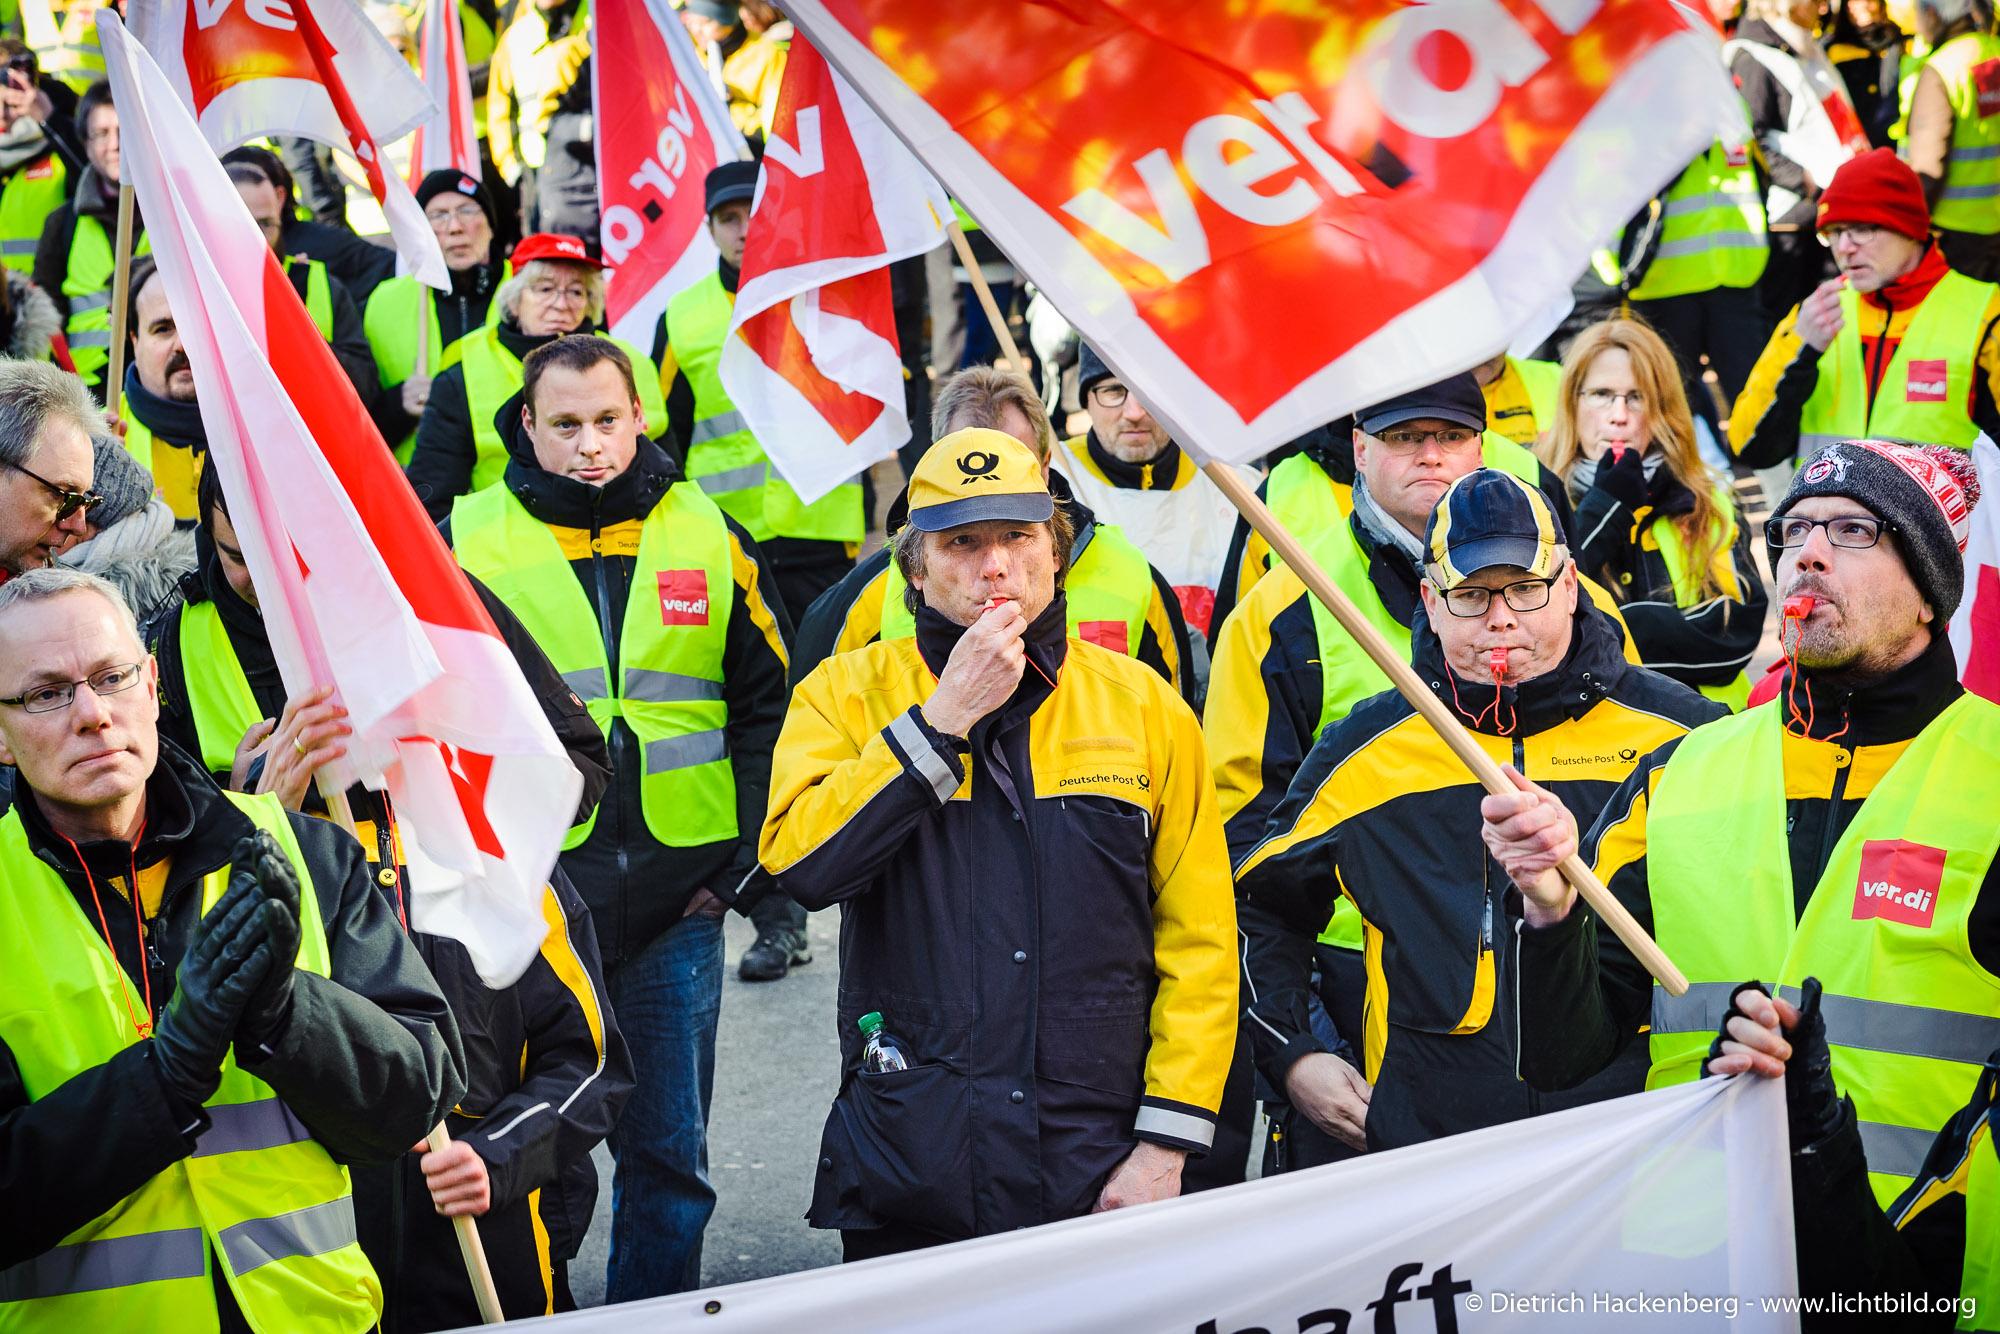 Streikveranstaltung verdi in Dortmund zur Tarifverhandlung der Post AG am 22.02.2018. Foto Dietrich Hackenberg